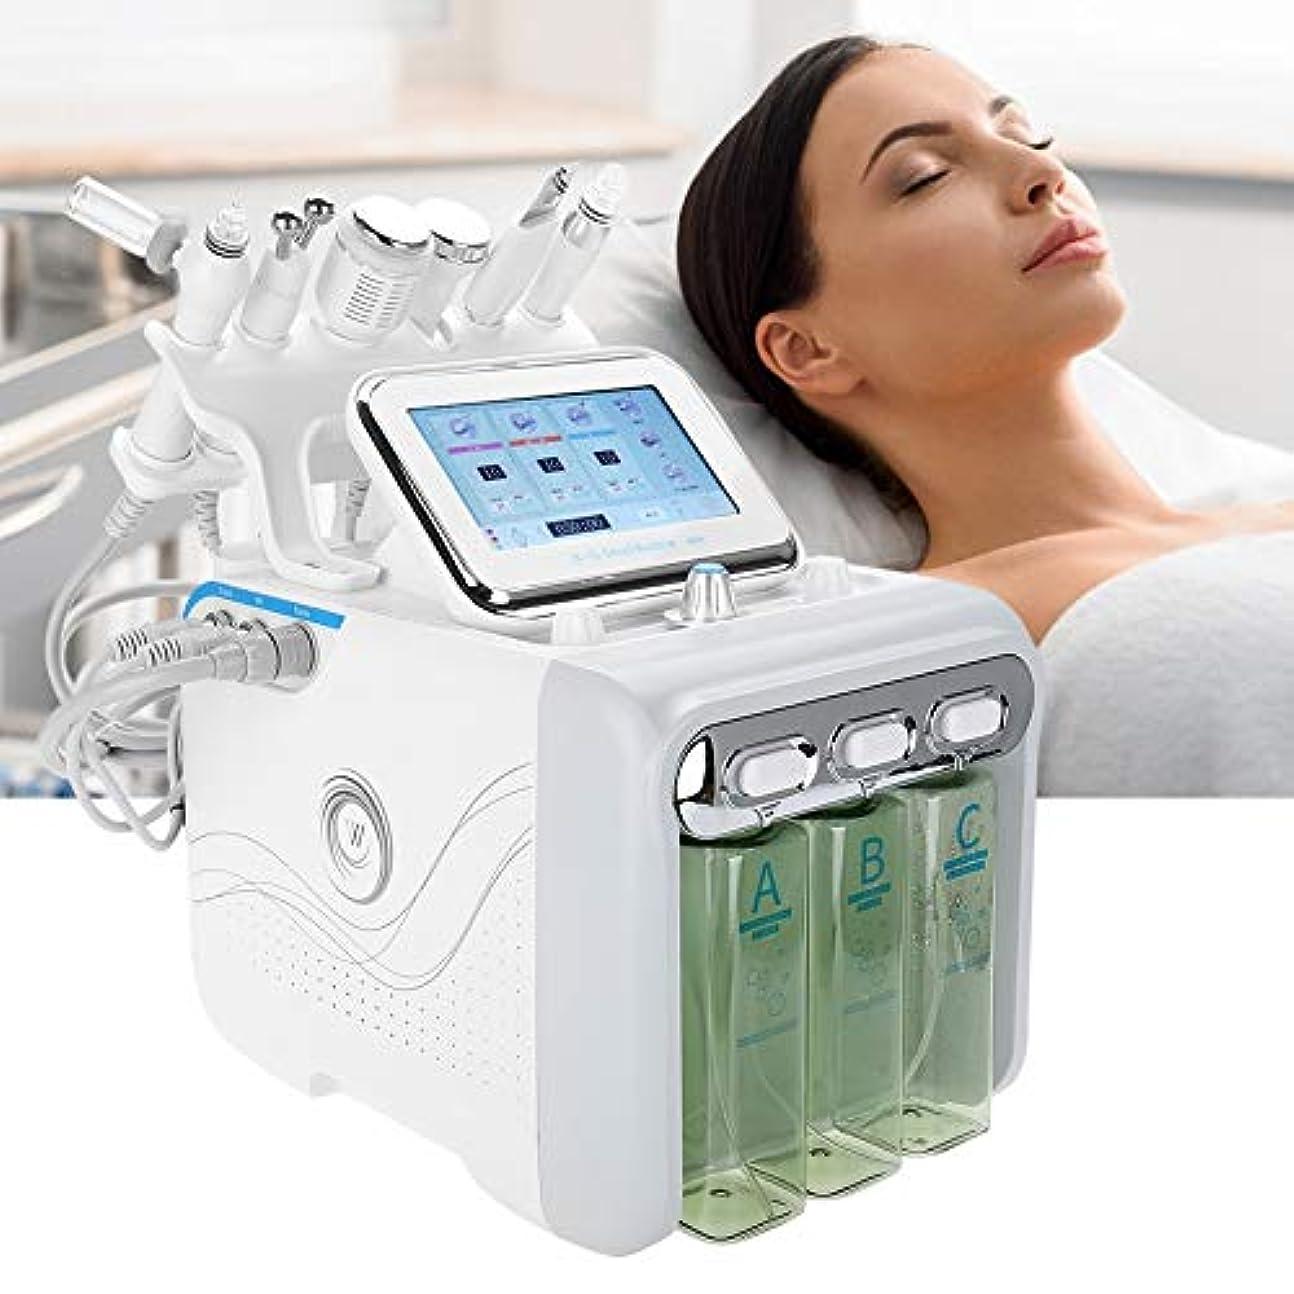 説明的川遊び場酸素スキンケア機械、6に1の水素の酸素の美機械深いクリーニングの超音波皮の若返り機械(US)